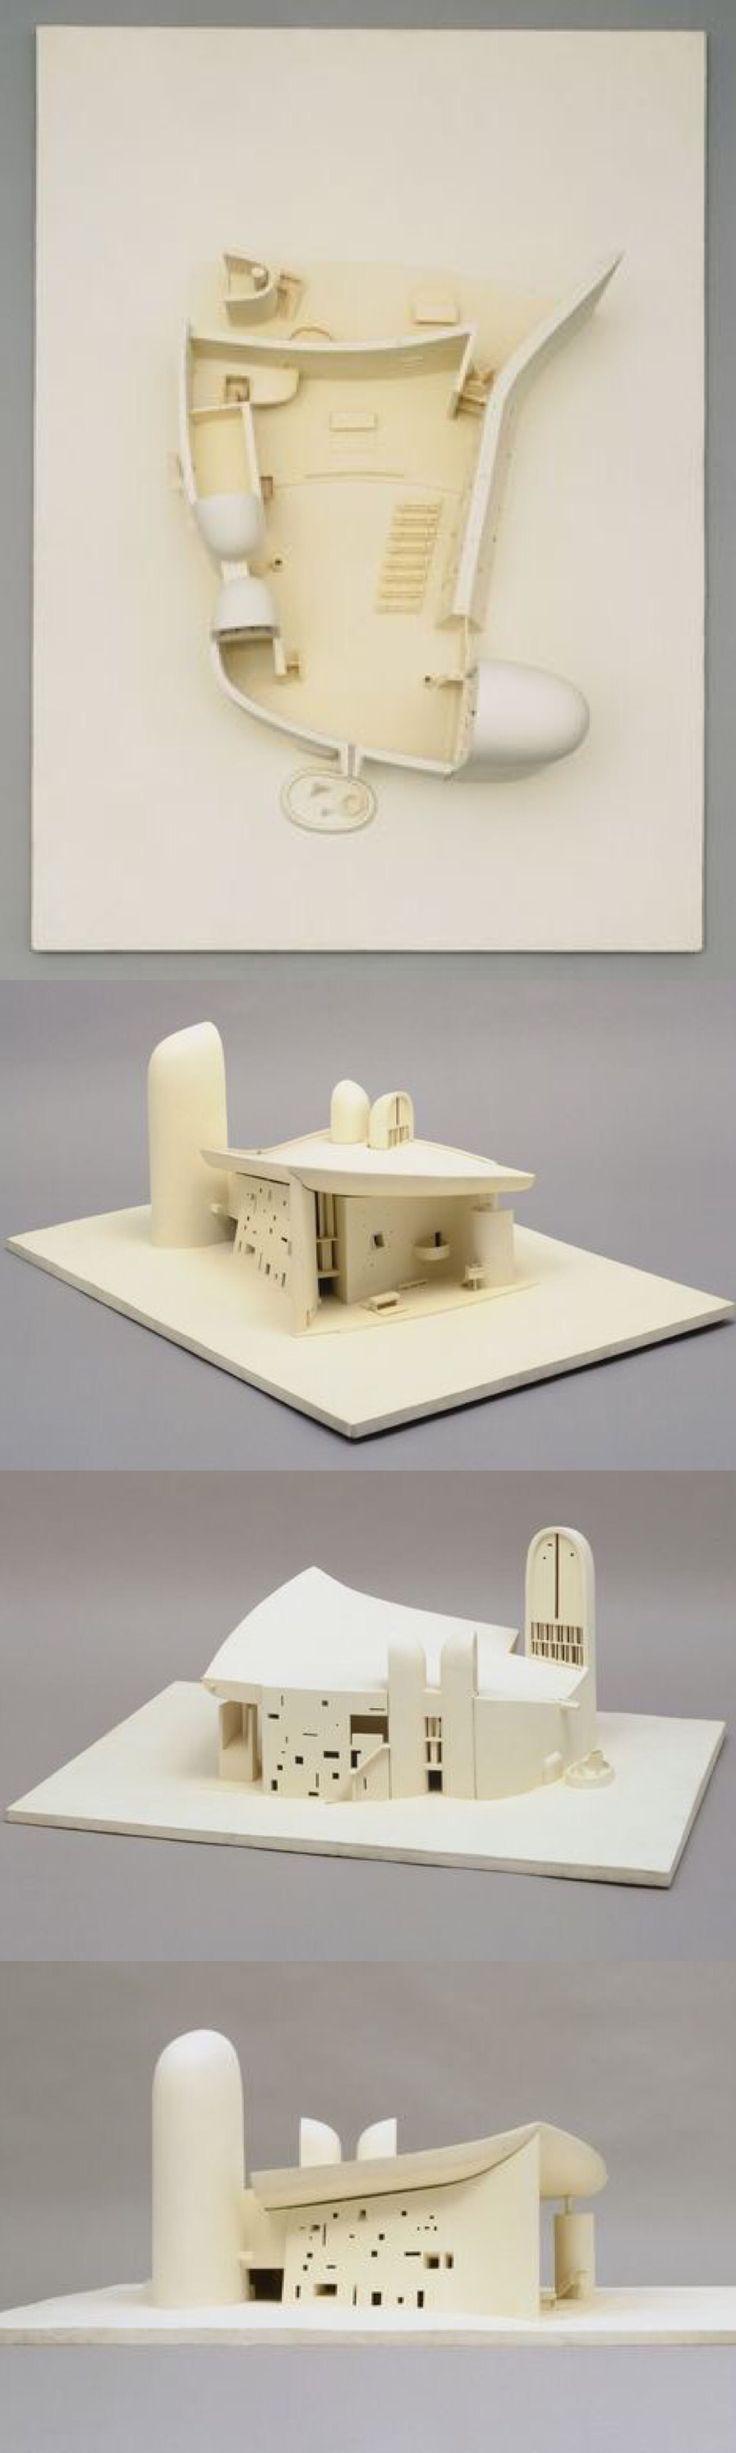 MoMA   The Collection   Le Corbusier (Charles-Édouard Jeanneret). Chapelle Notre-Dame-du-Haut, Ronchamp 1950–55. 1950–1955